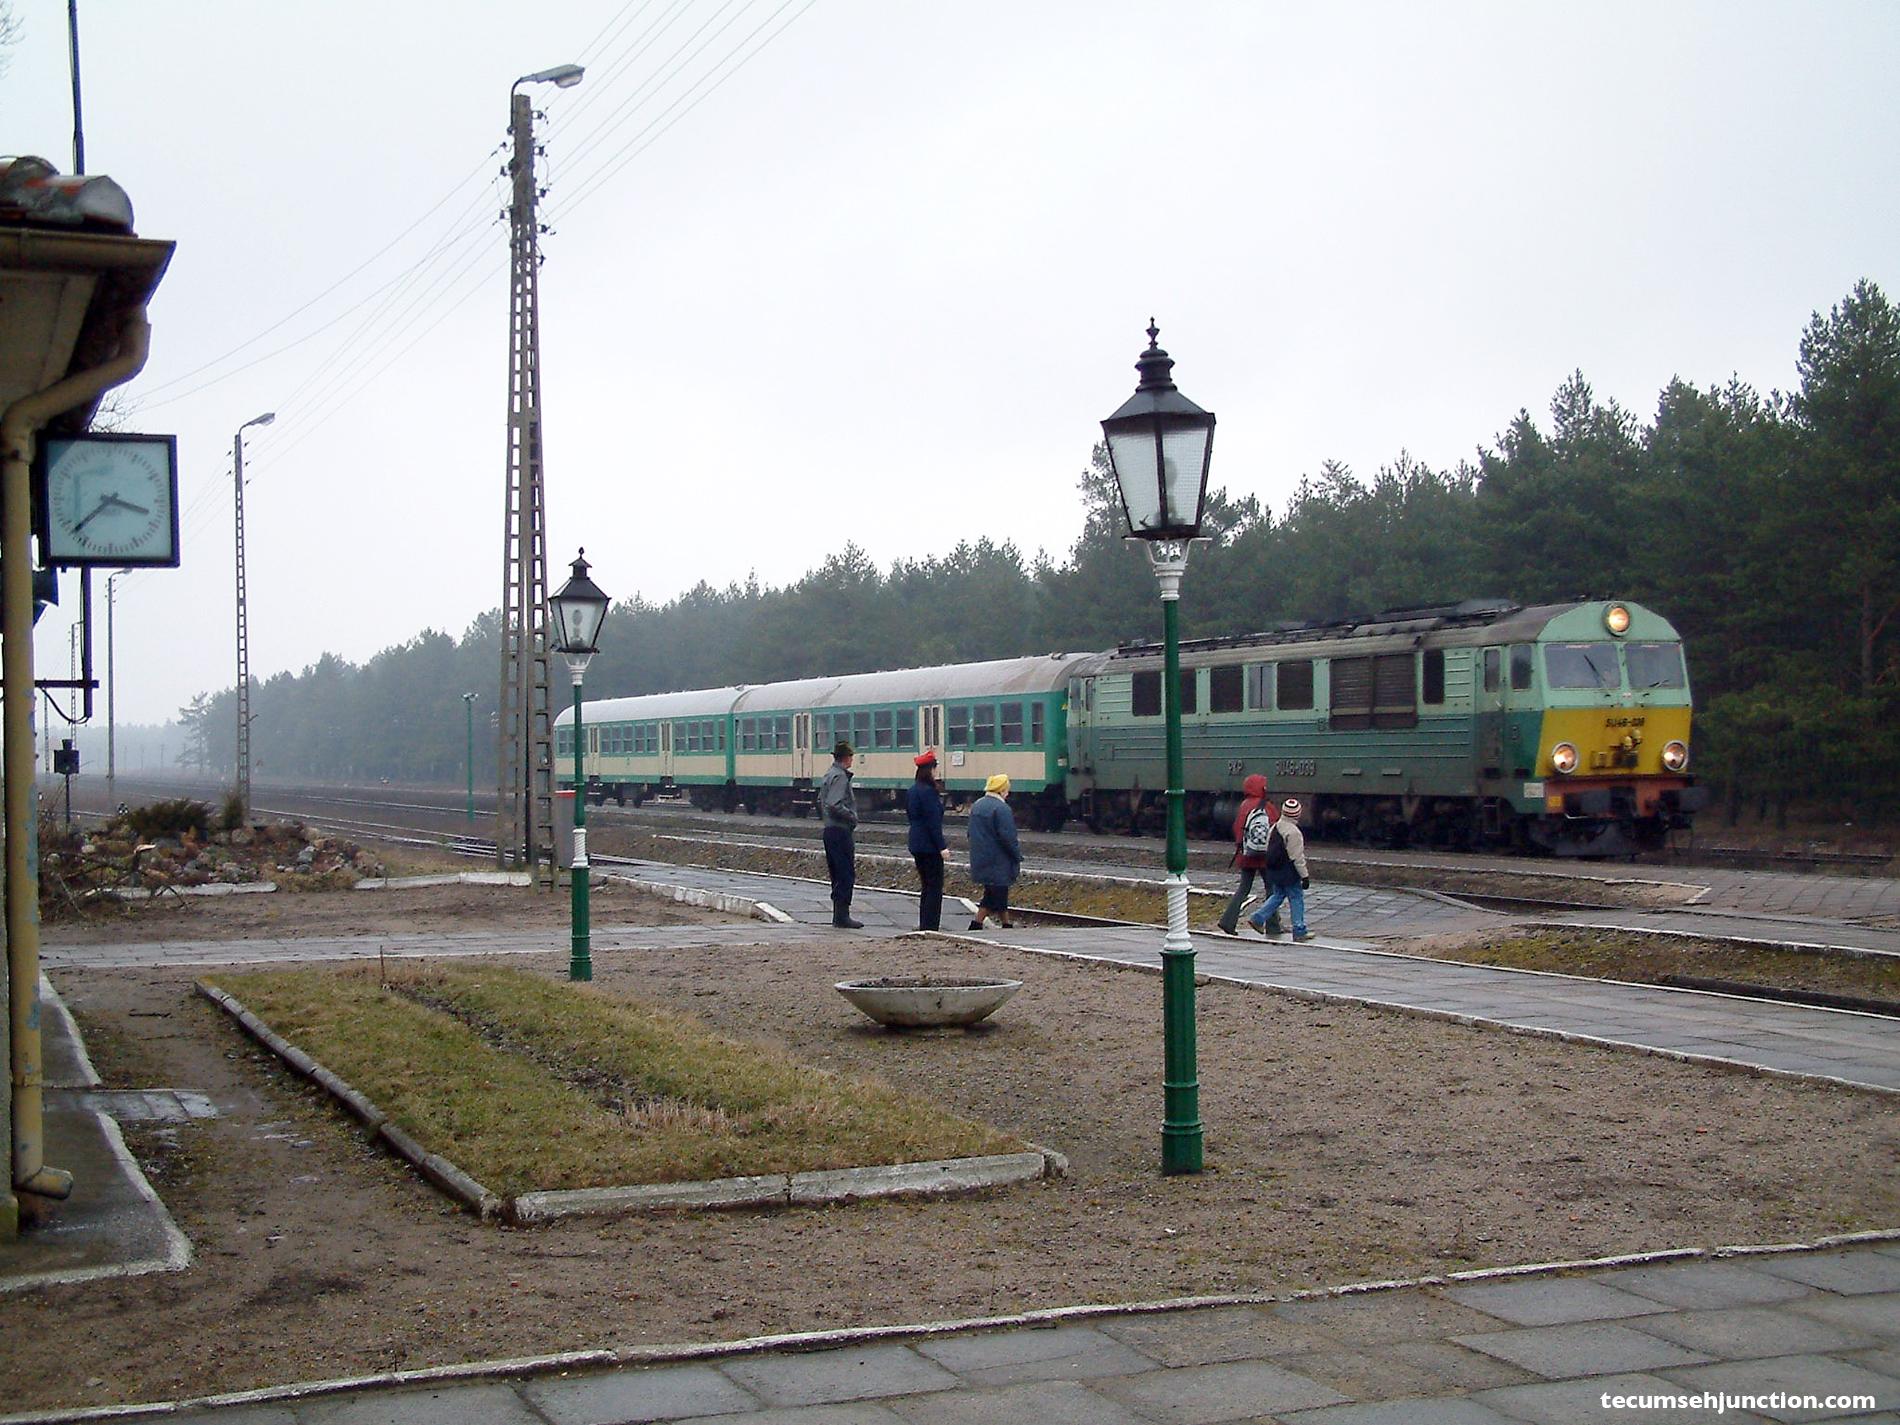 Kościerzyna-Wierzchucin train at Bąk